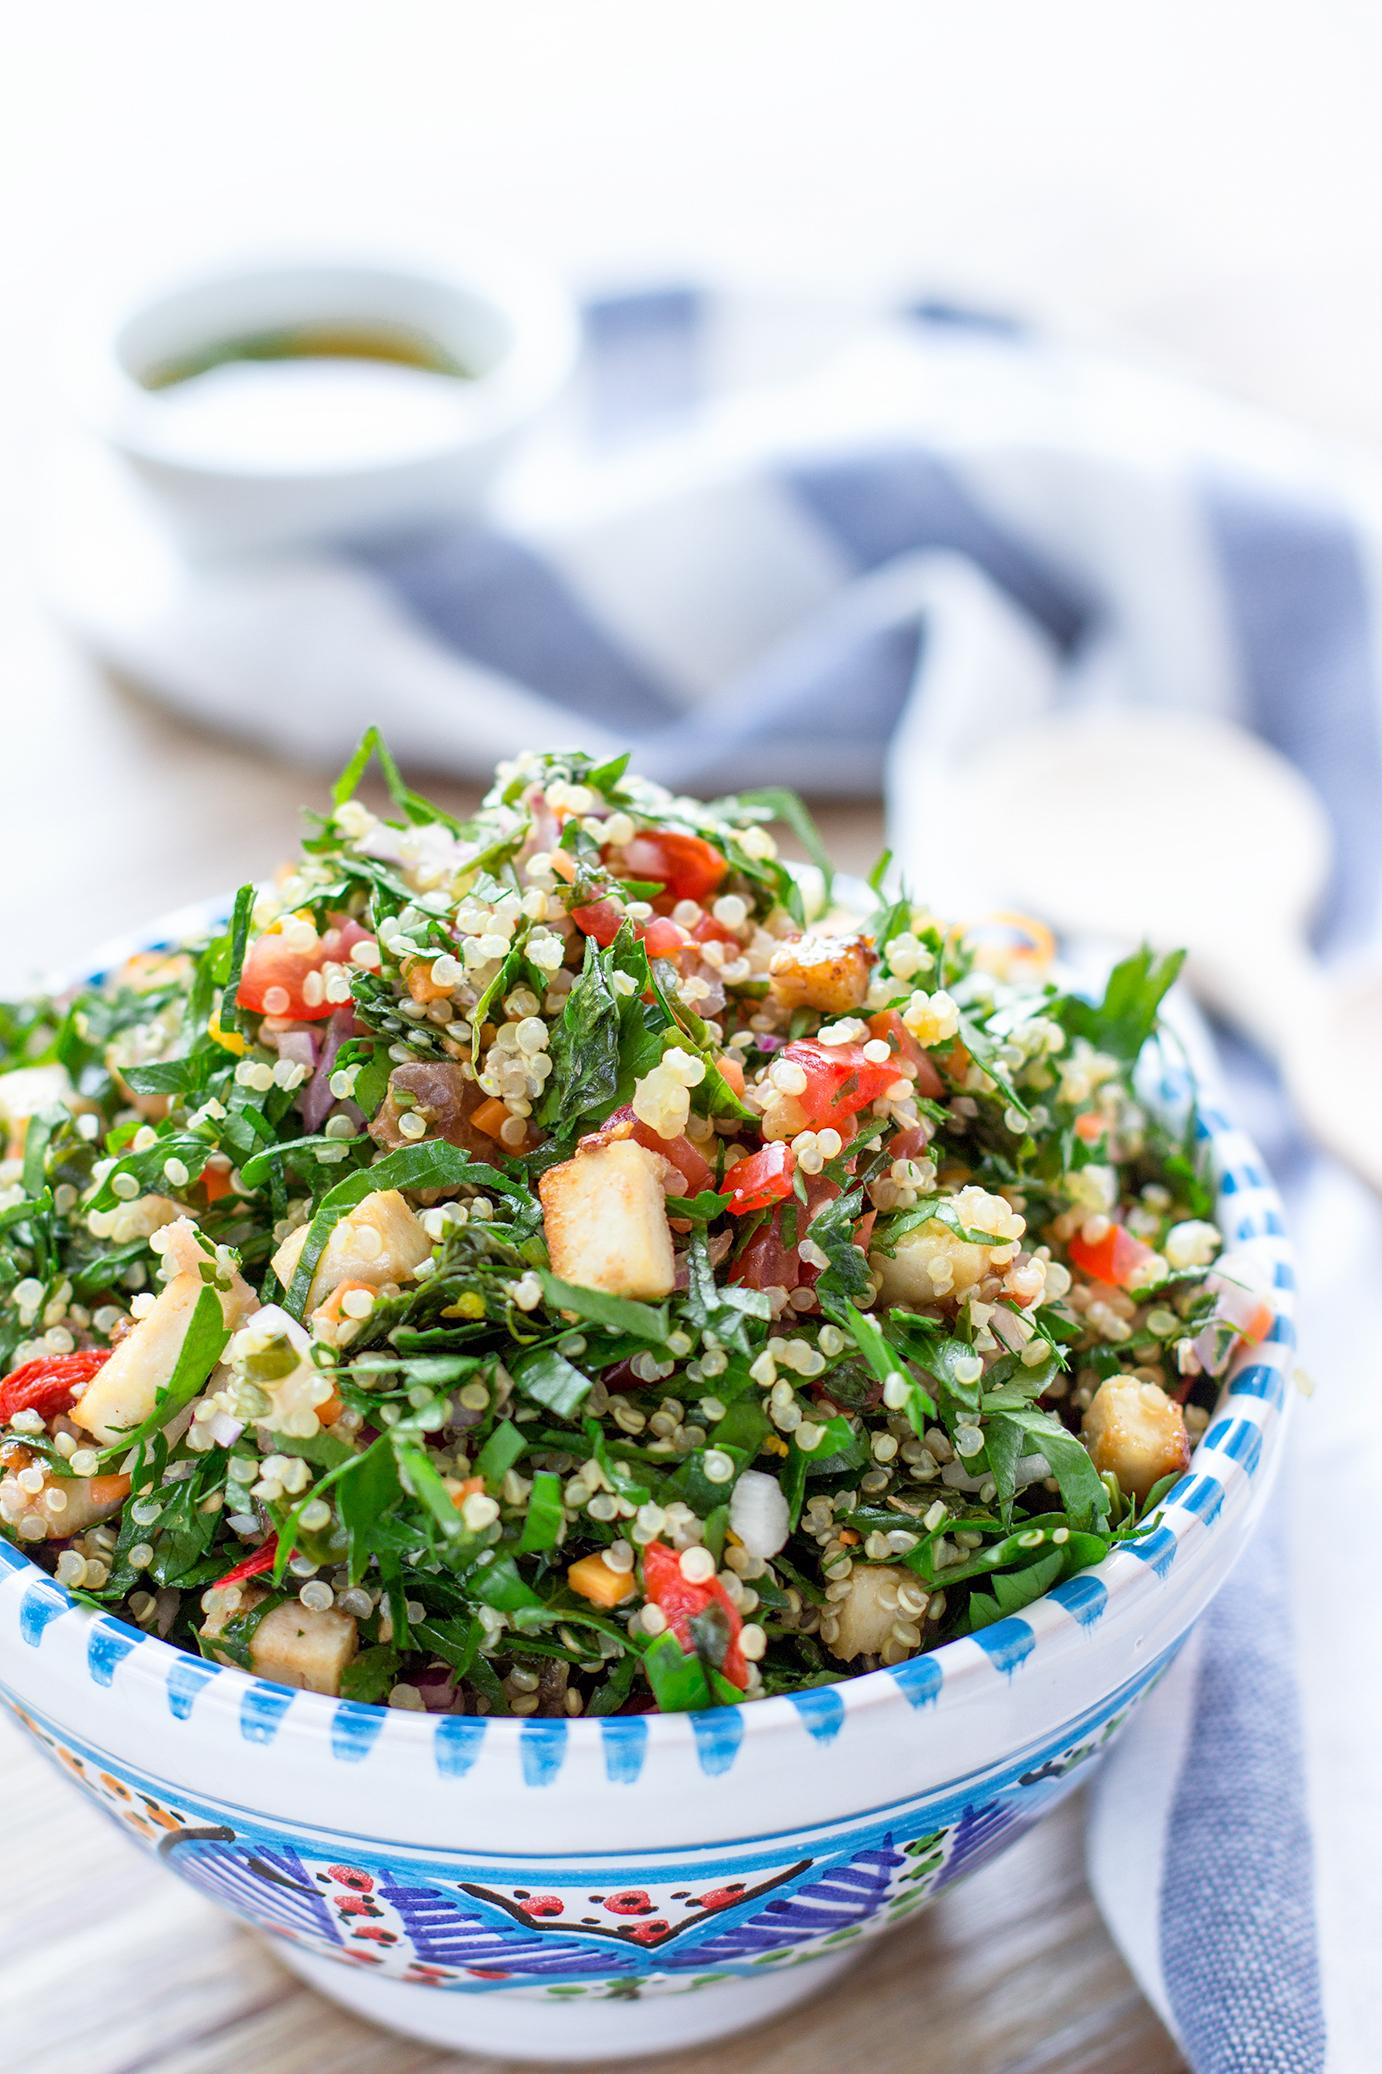 A DELICIOUS Vegan Glutenfree QUINOA TOFU TABBOULEH|Insalata di prezzemolo e quinoa | Tabbouleh di quinoa e tofu con zenzero e peperoncino vegan #senzaglutine